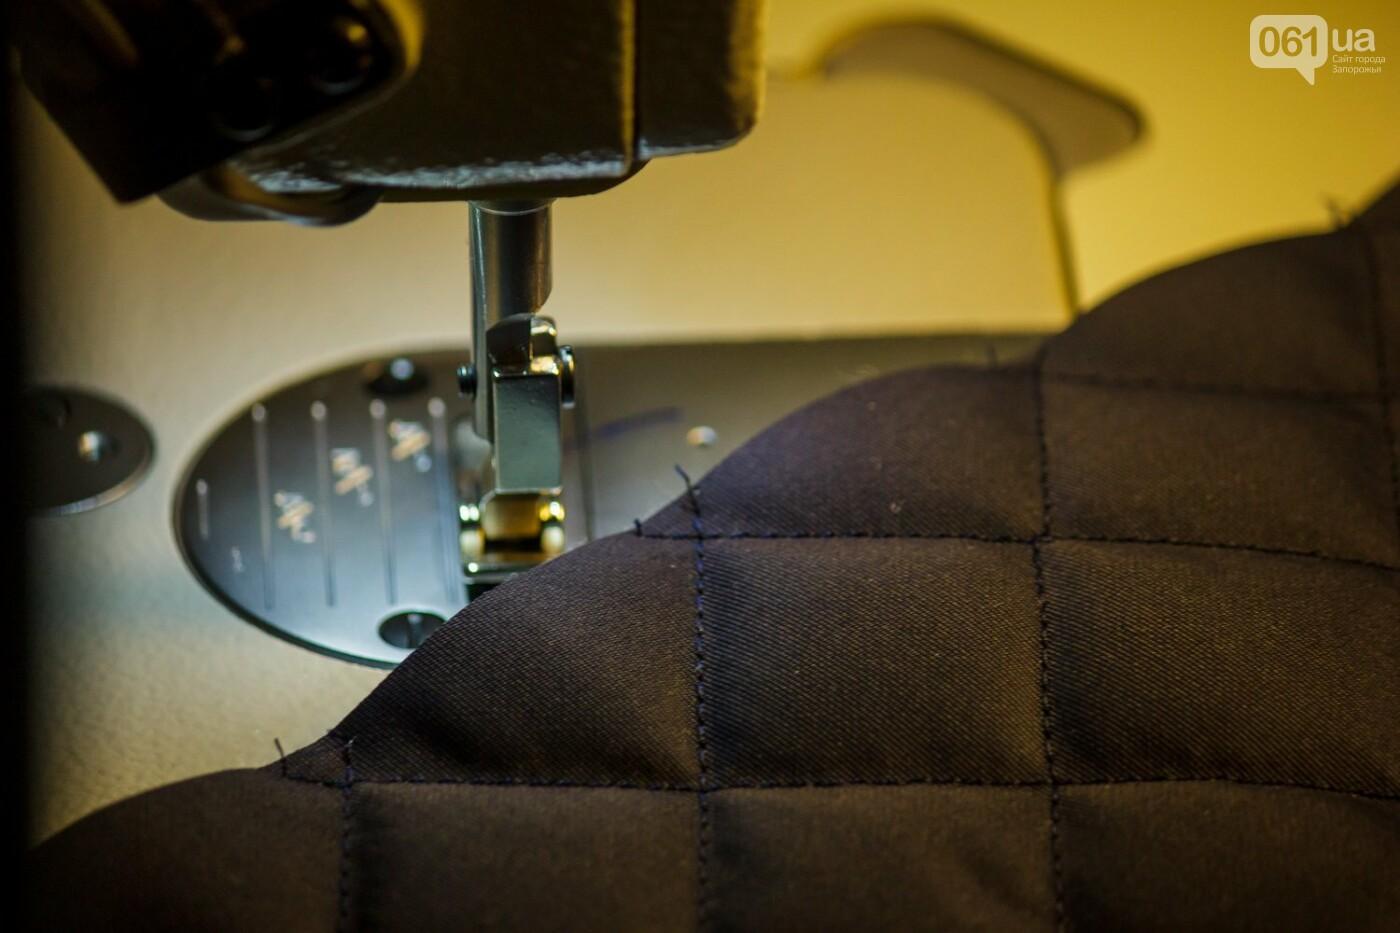 Как в Запорожье шьют мужское белье: экскурсия на трикотажную фабрику, – ФОТОРЕПОРТАЖ, фото-39